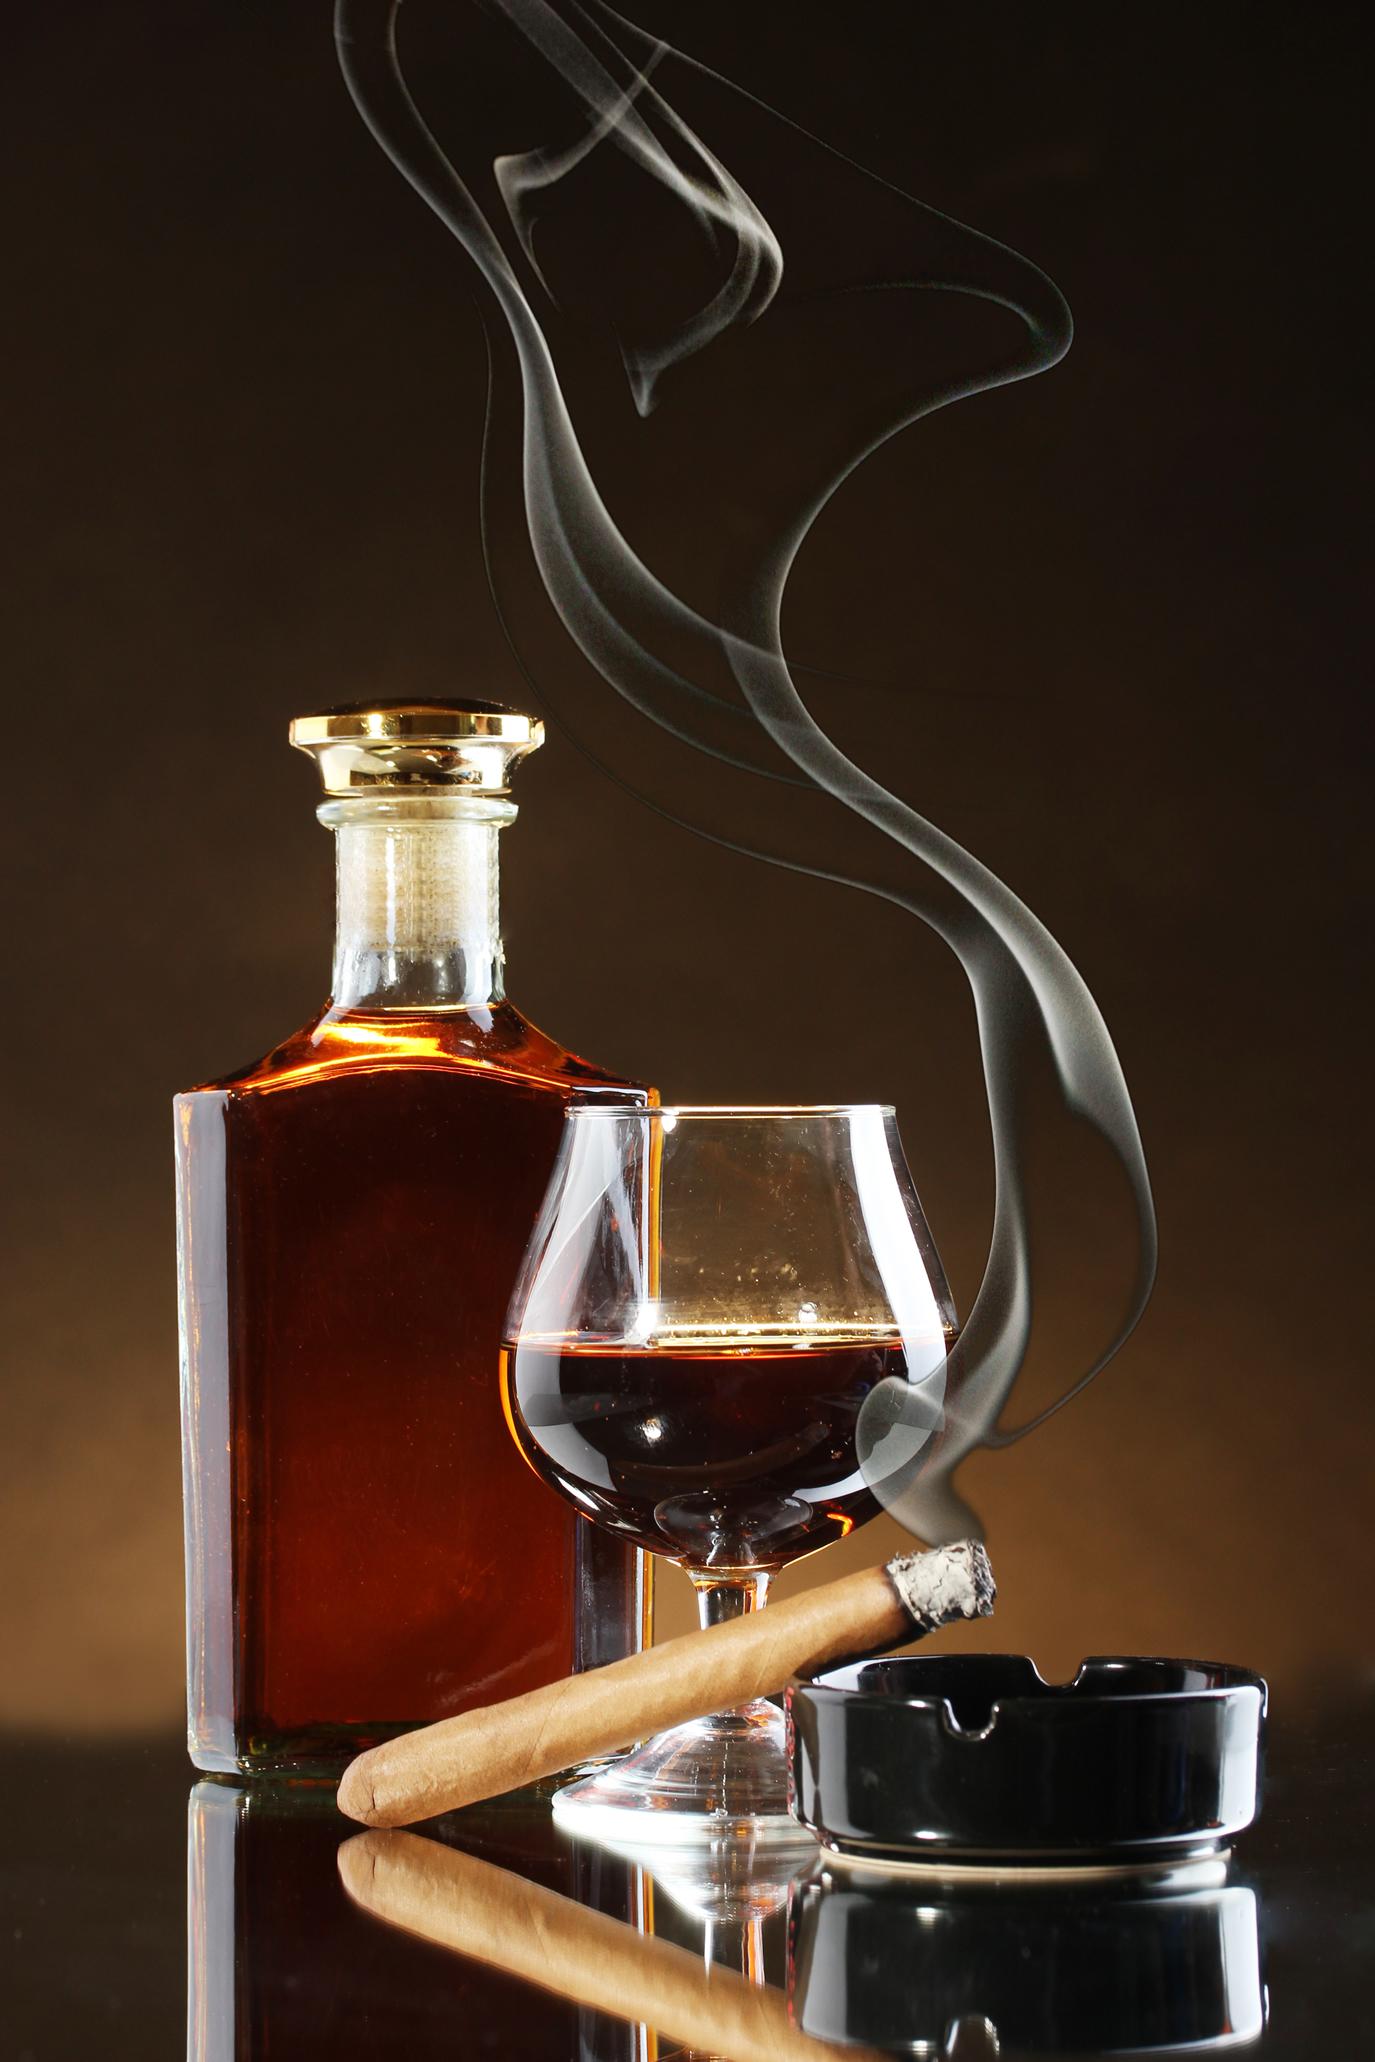 бутылка коньяка и сигара, пепельница, скачать фото, обои для рабочего стола